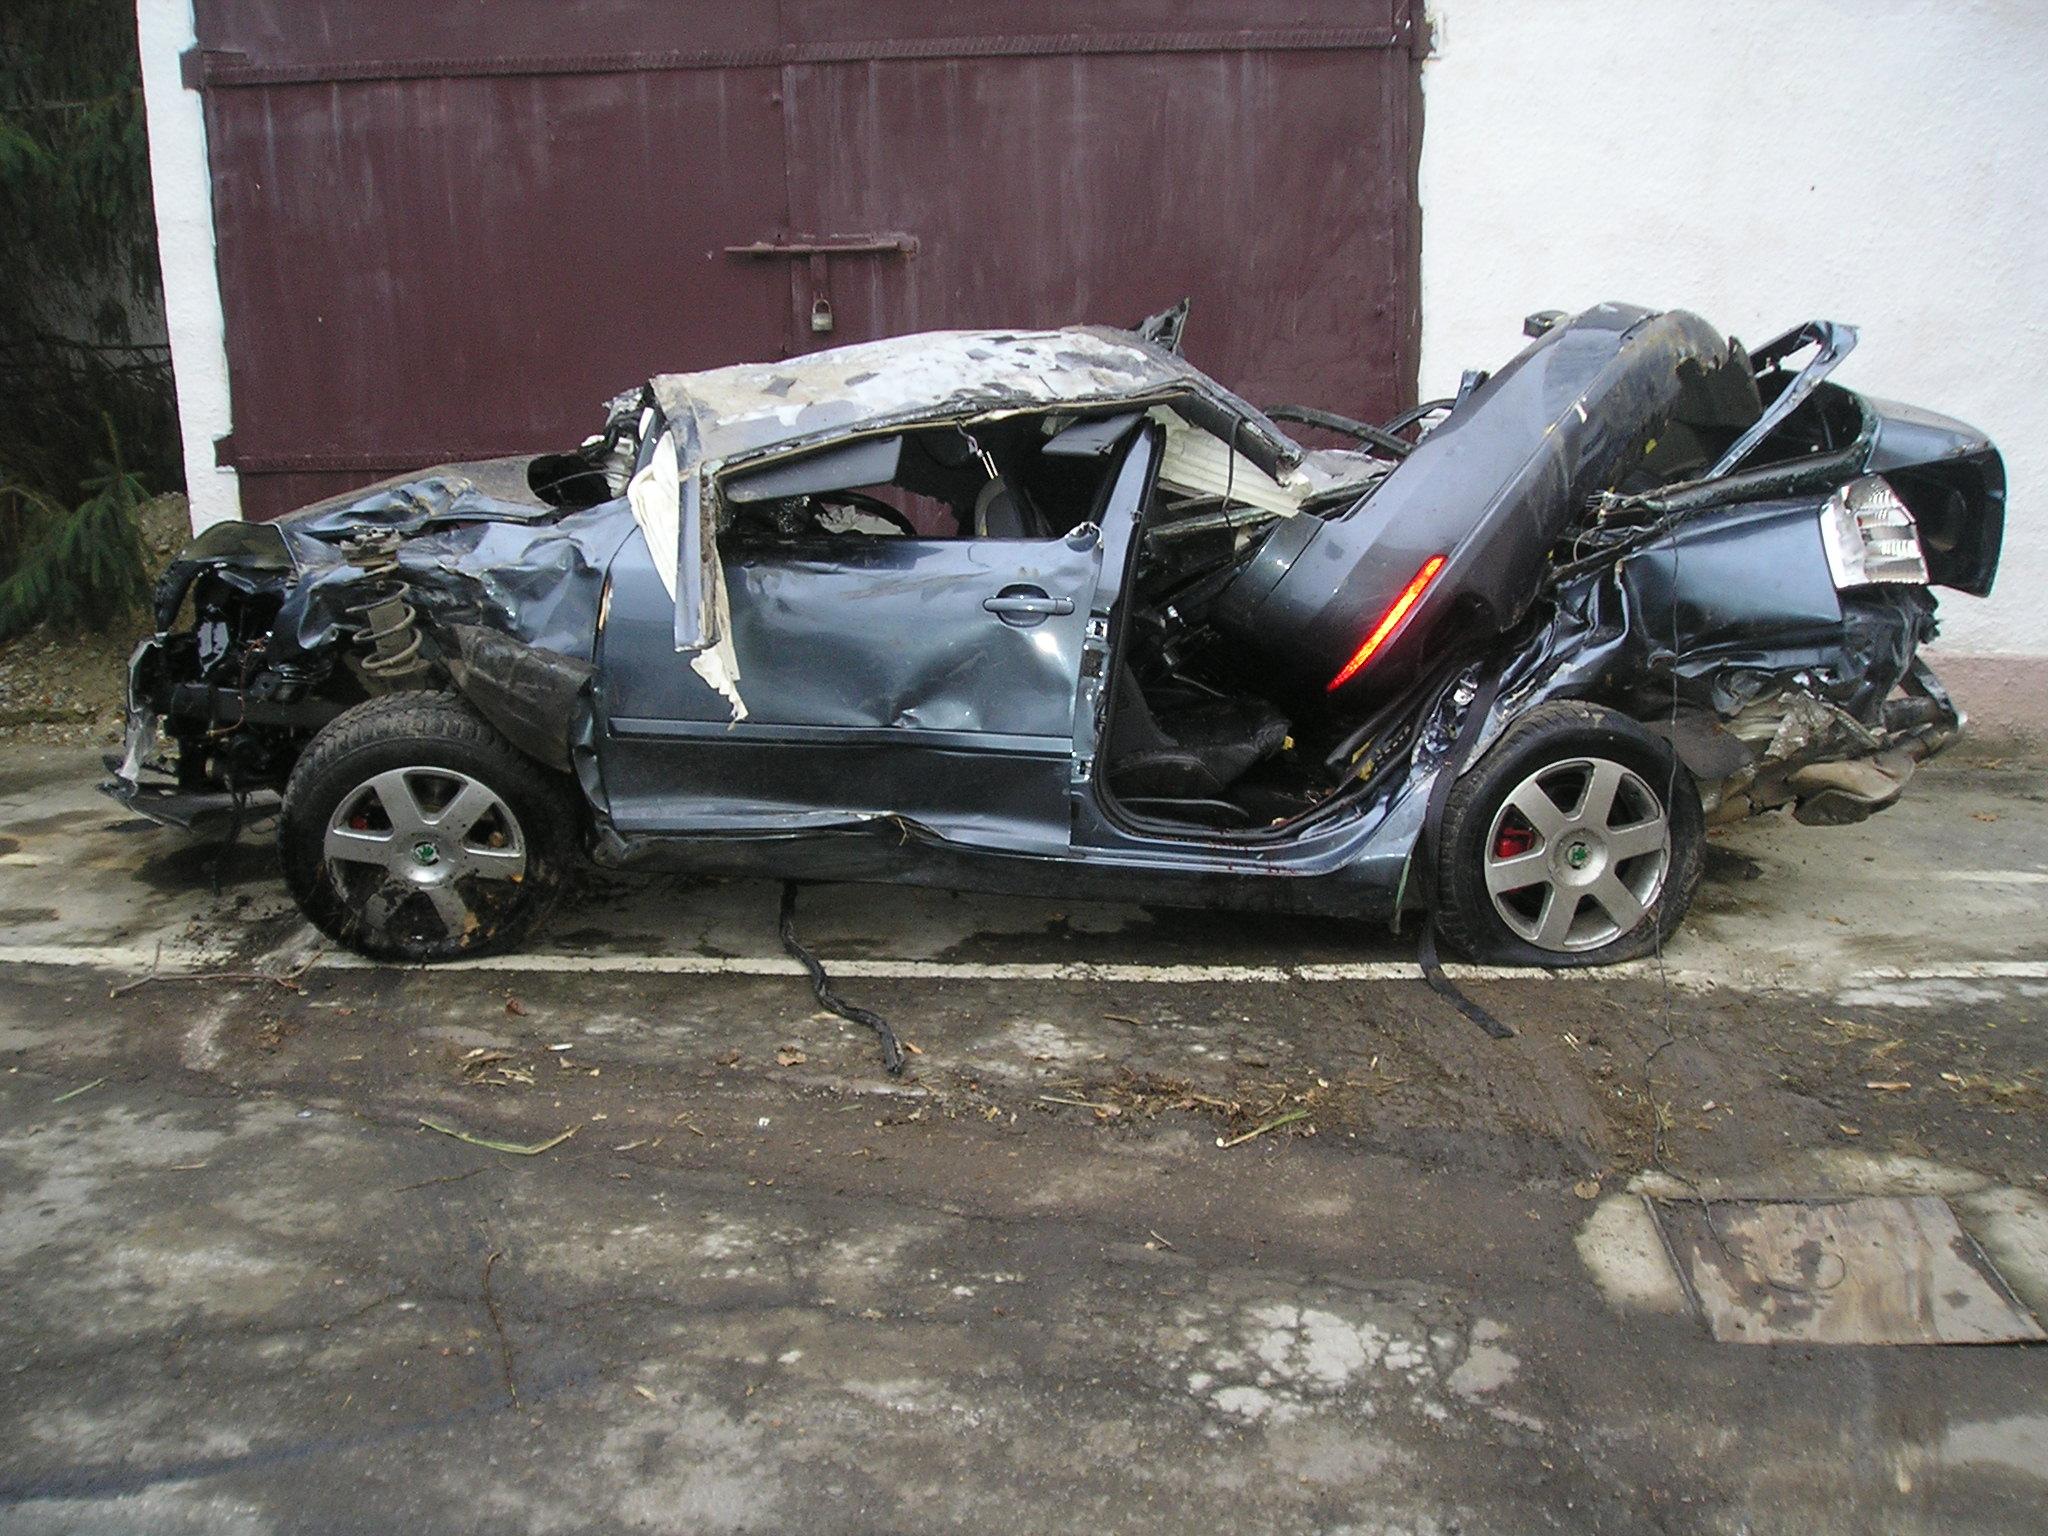 З'явилися фото автомобіля після аварії на Берегівщині, в якому розбилося троє студентів (ФОТО)